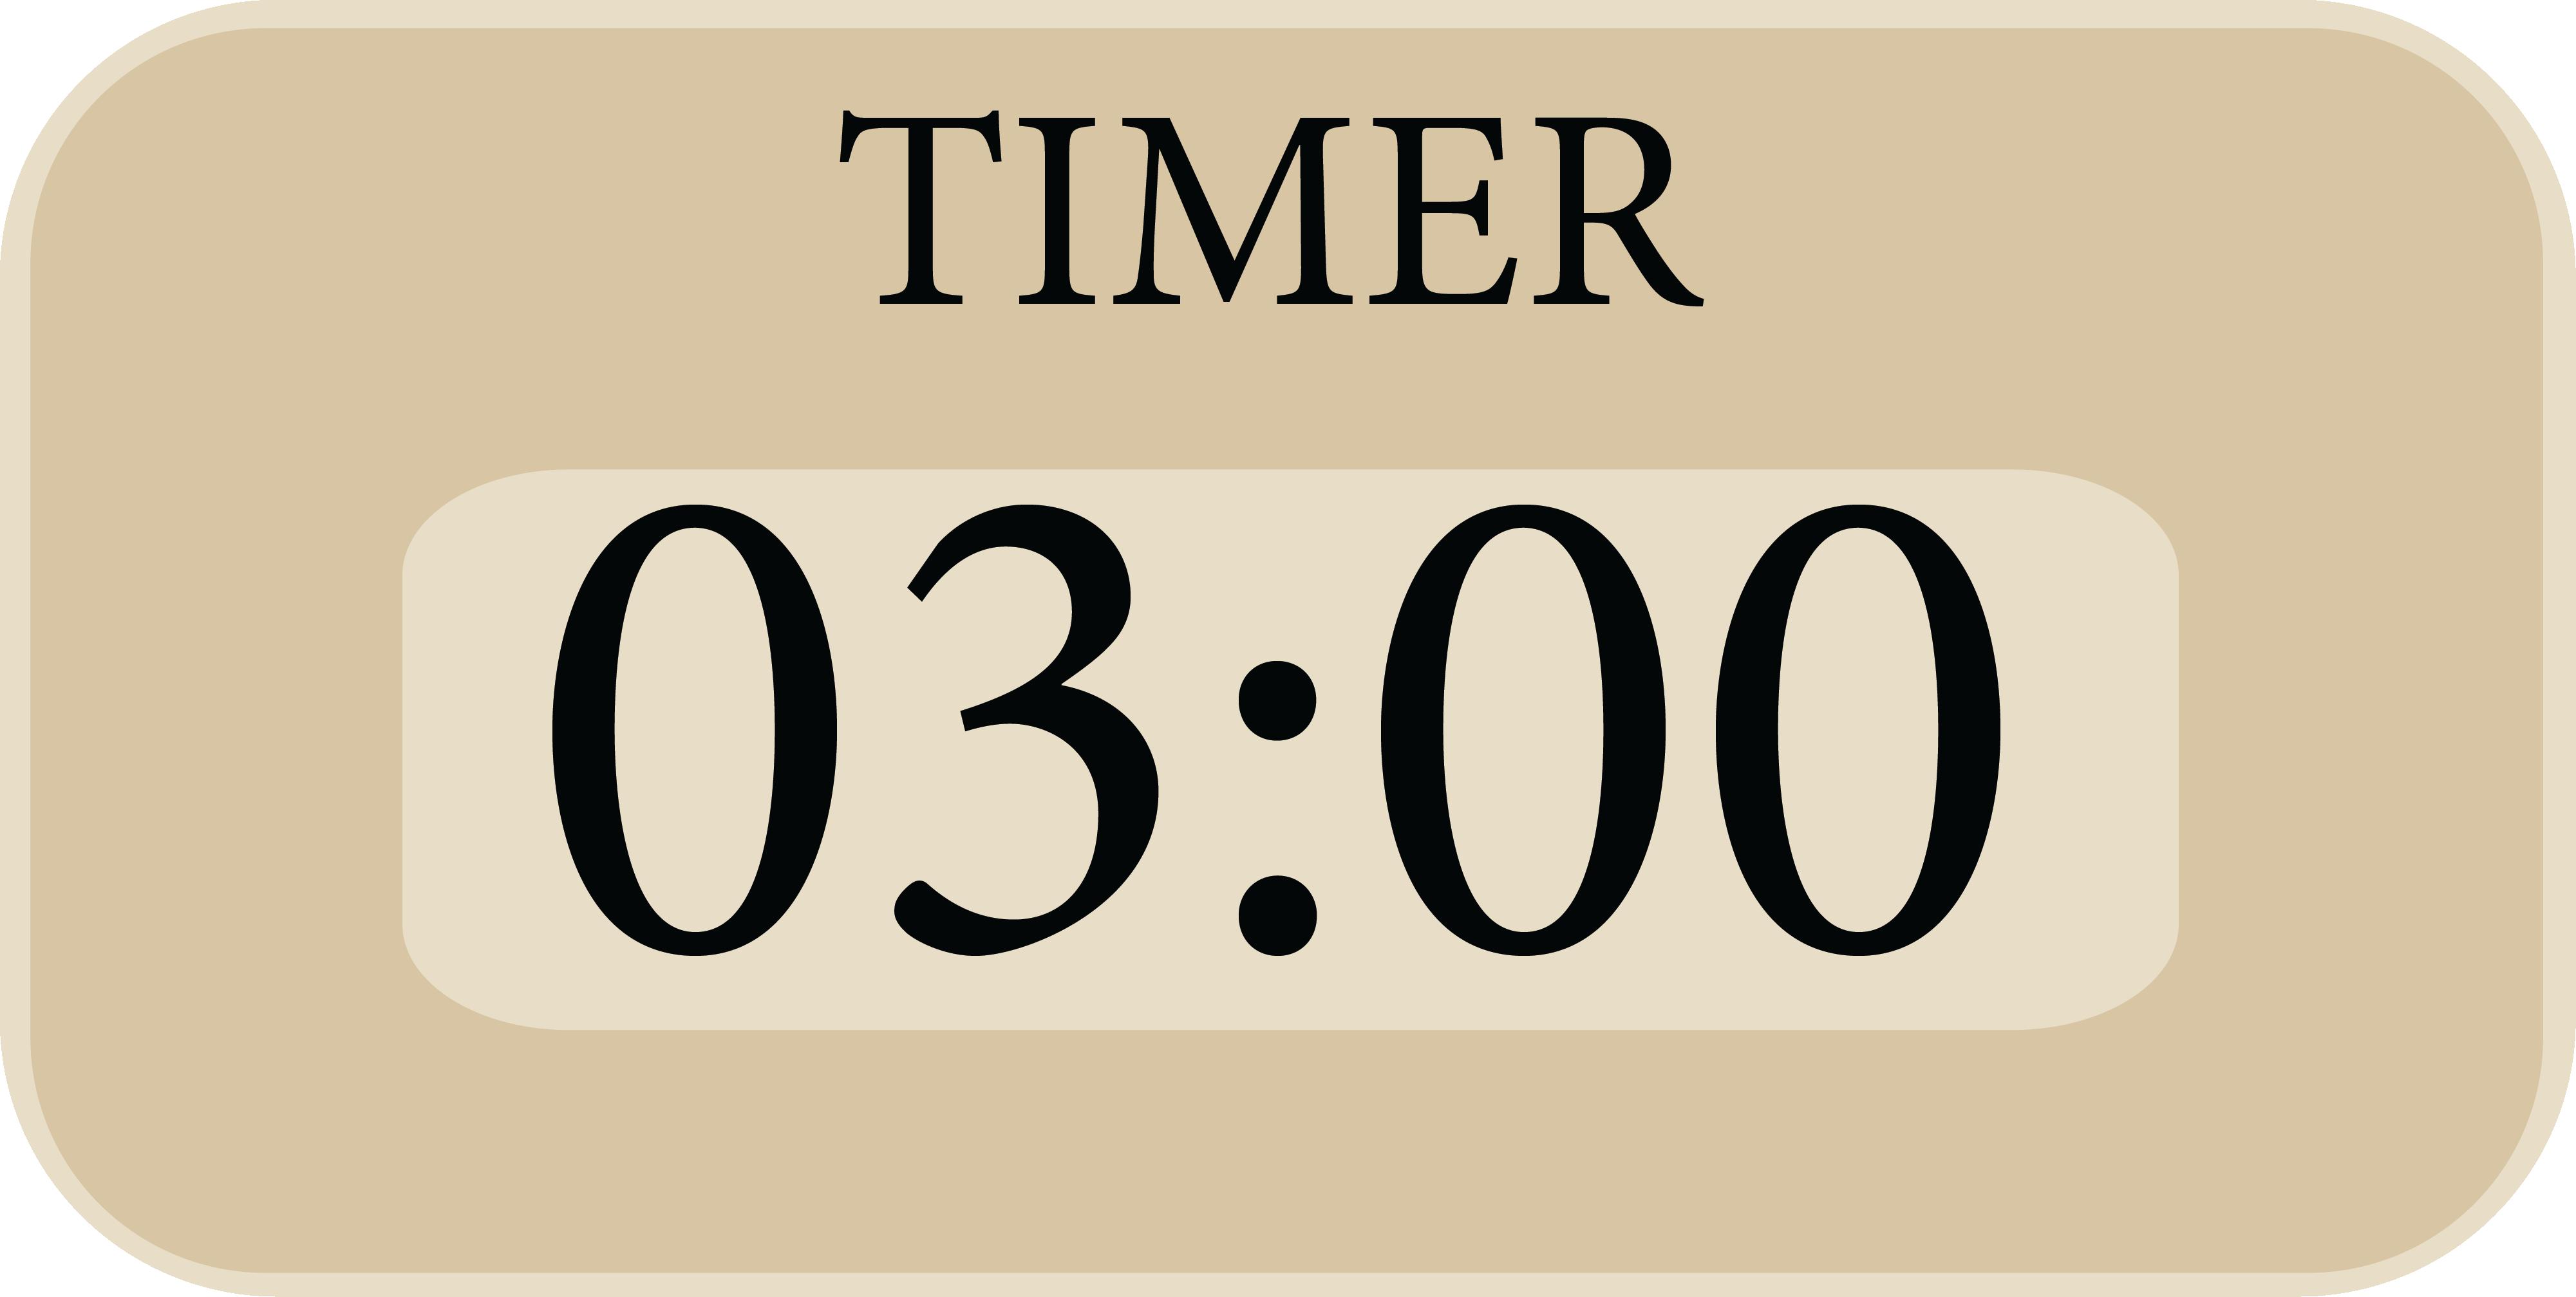 Timer 1:00 Minuten